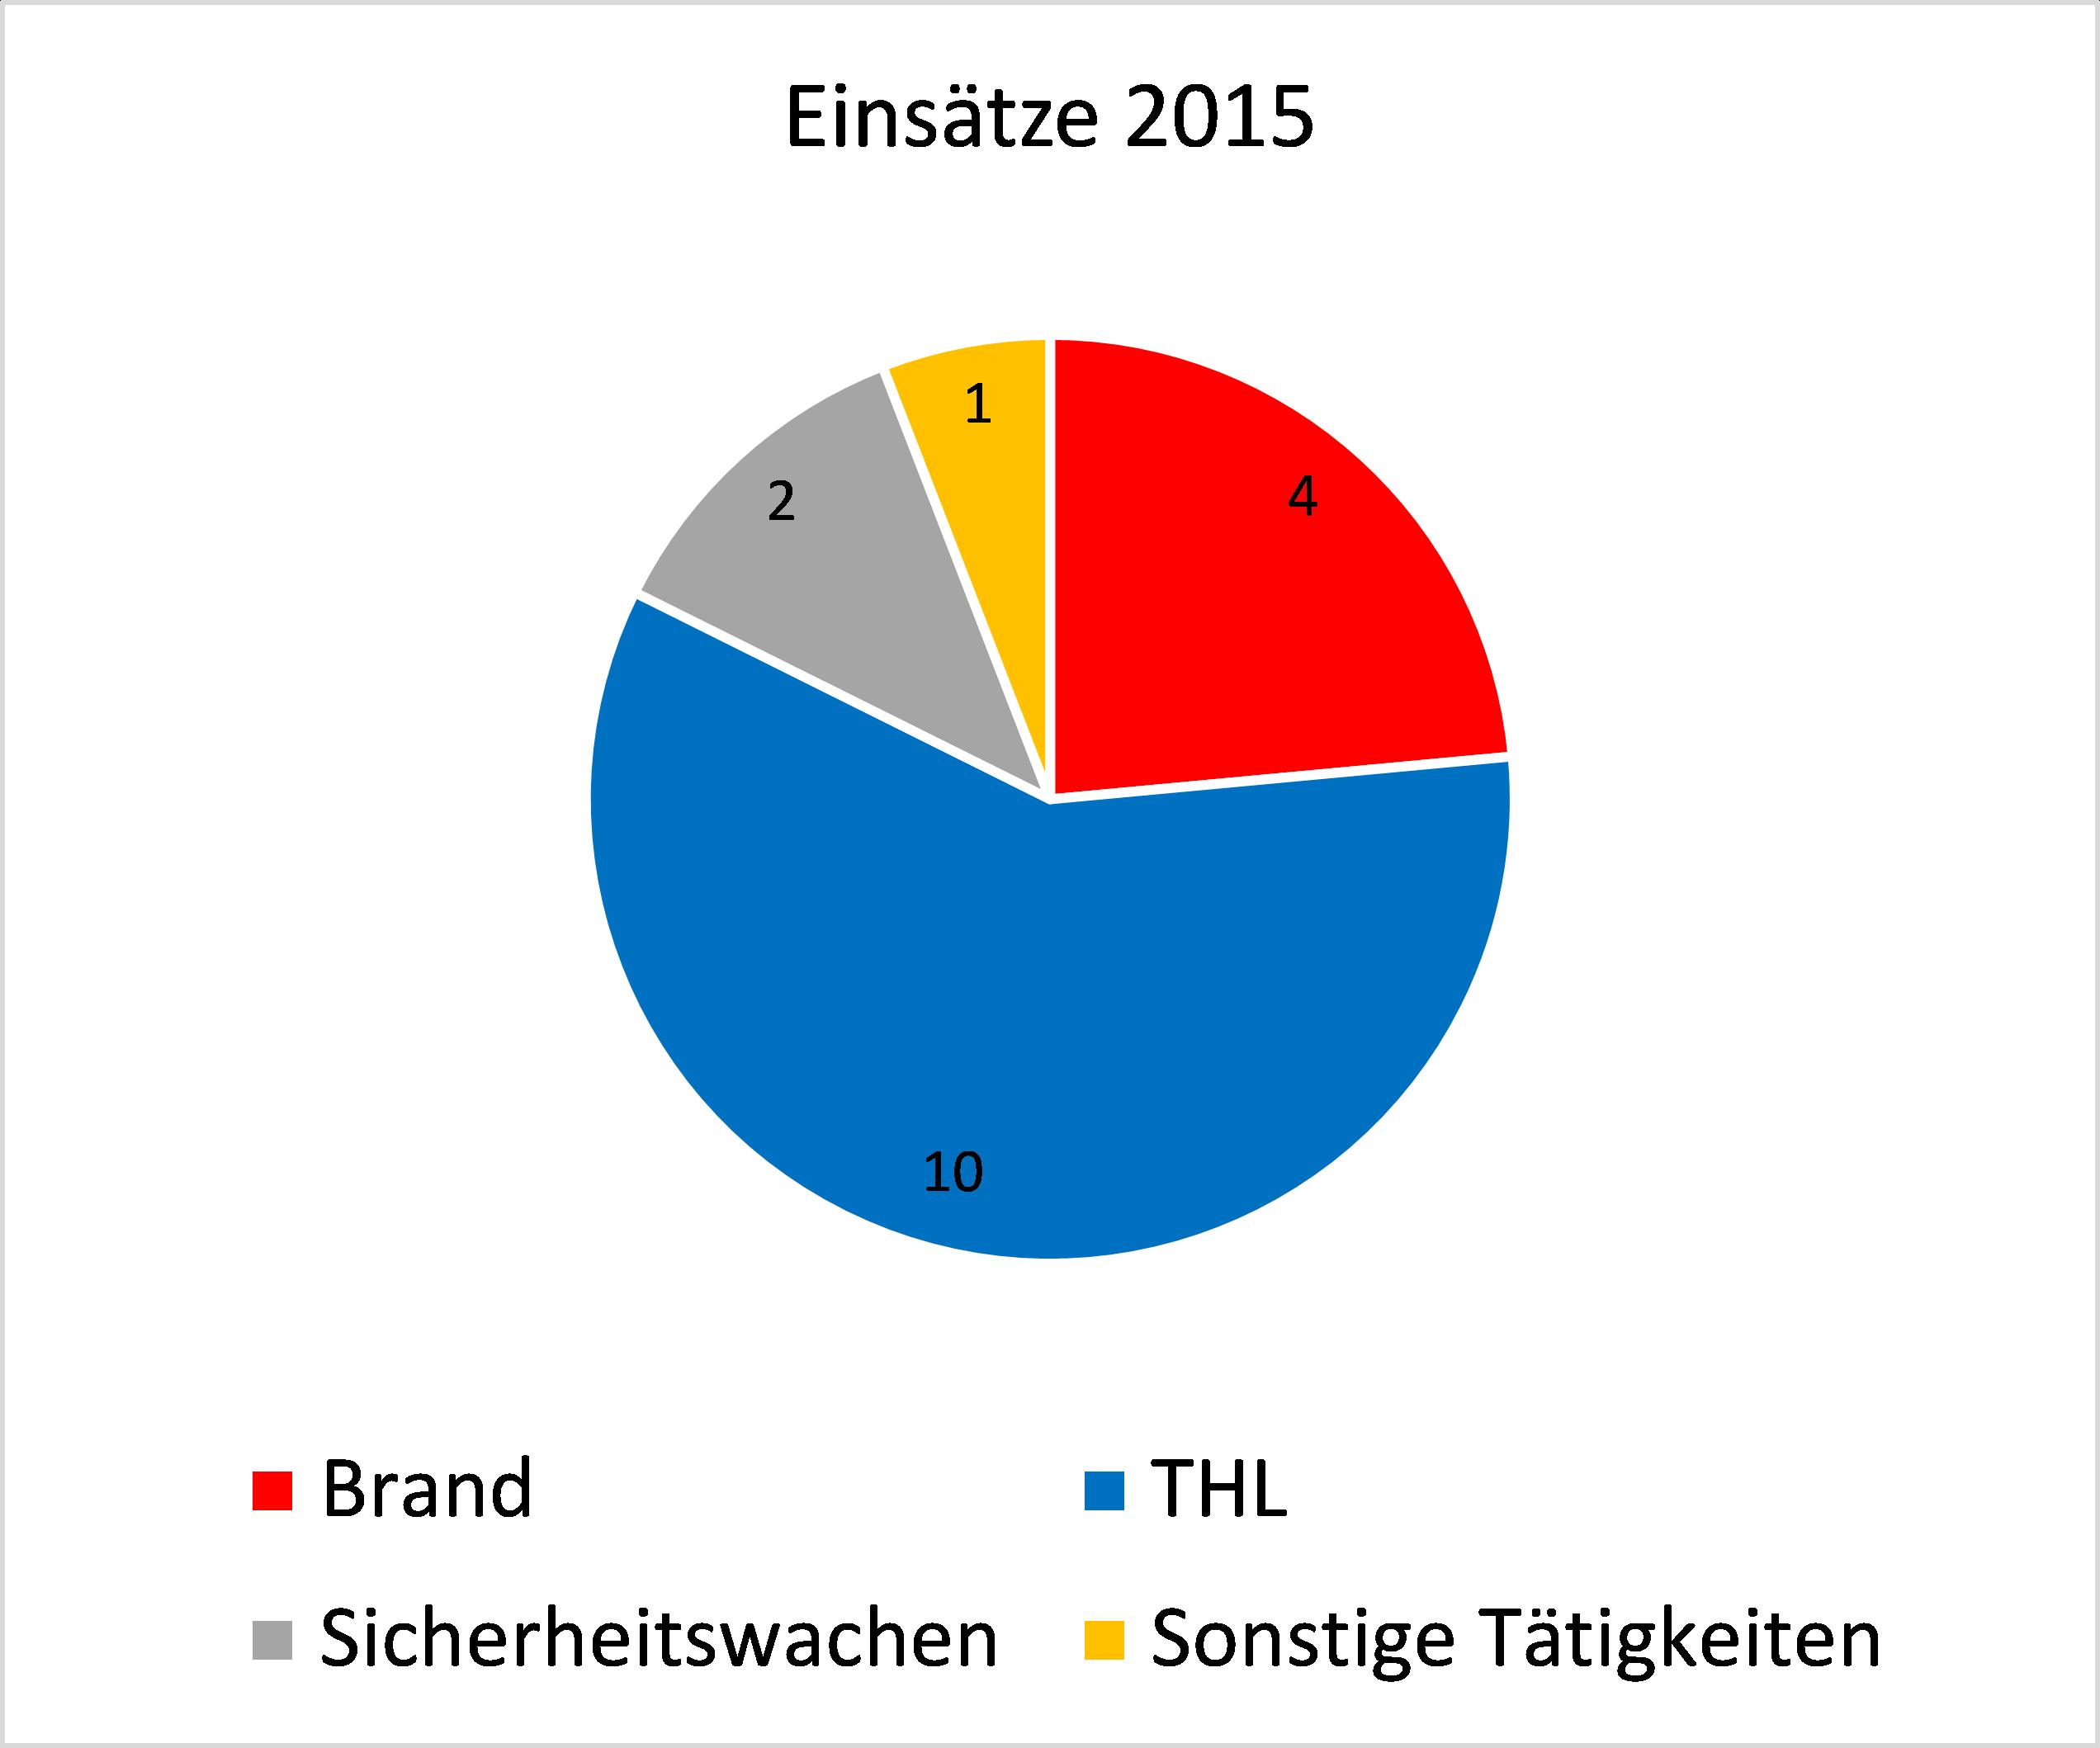 Einsätze_2015